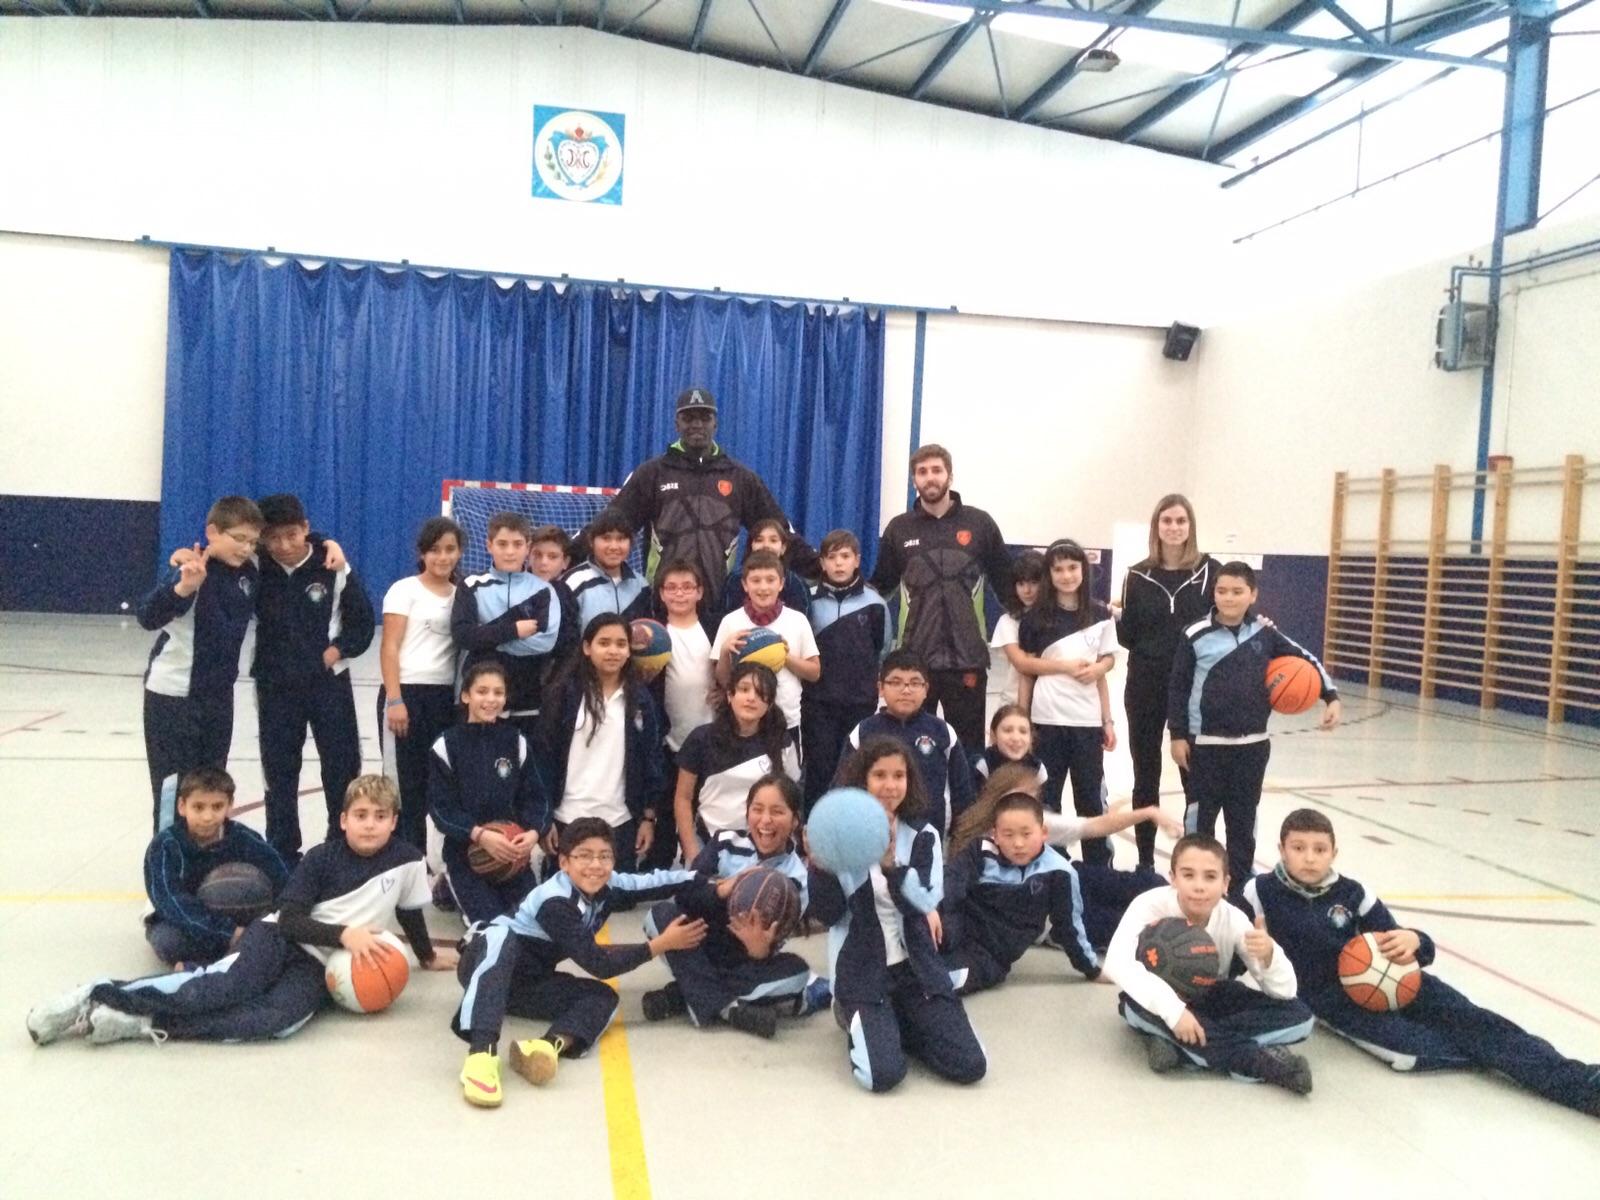 Colegio amor de dios burlada gigantes del basket - Colegio amor de dios oviedo ...